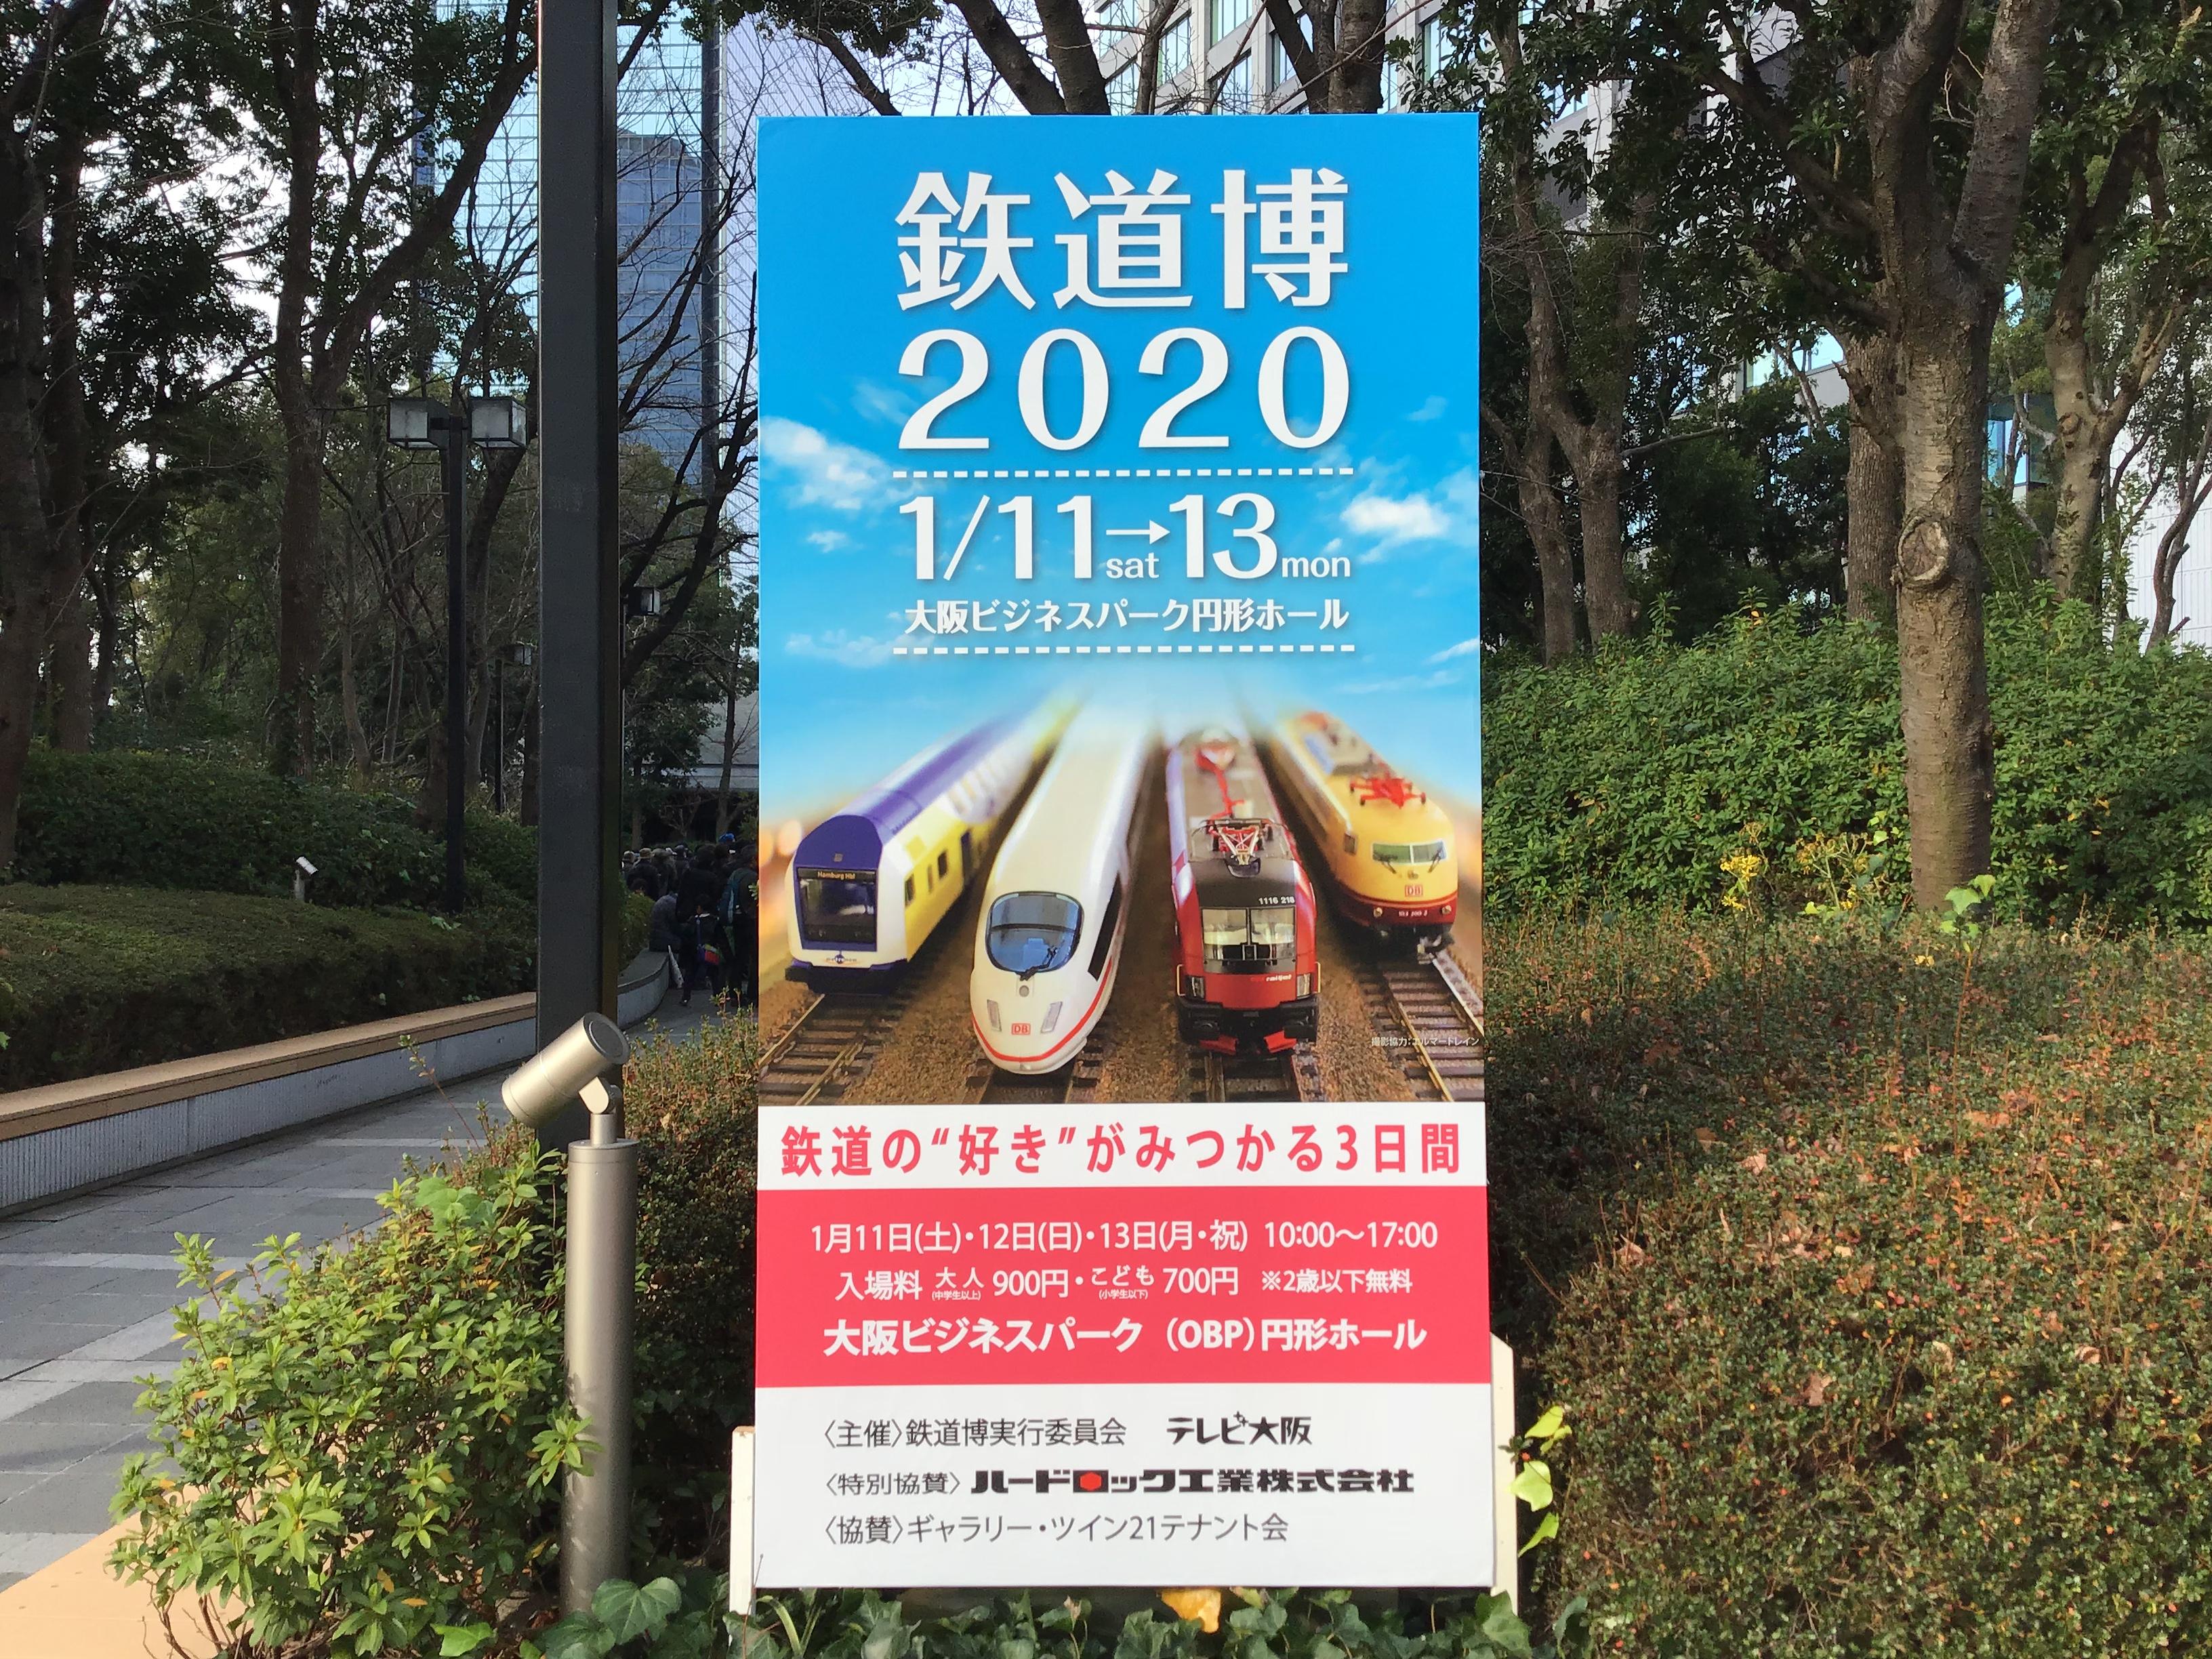 鉄道博2020 in 大阪